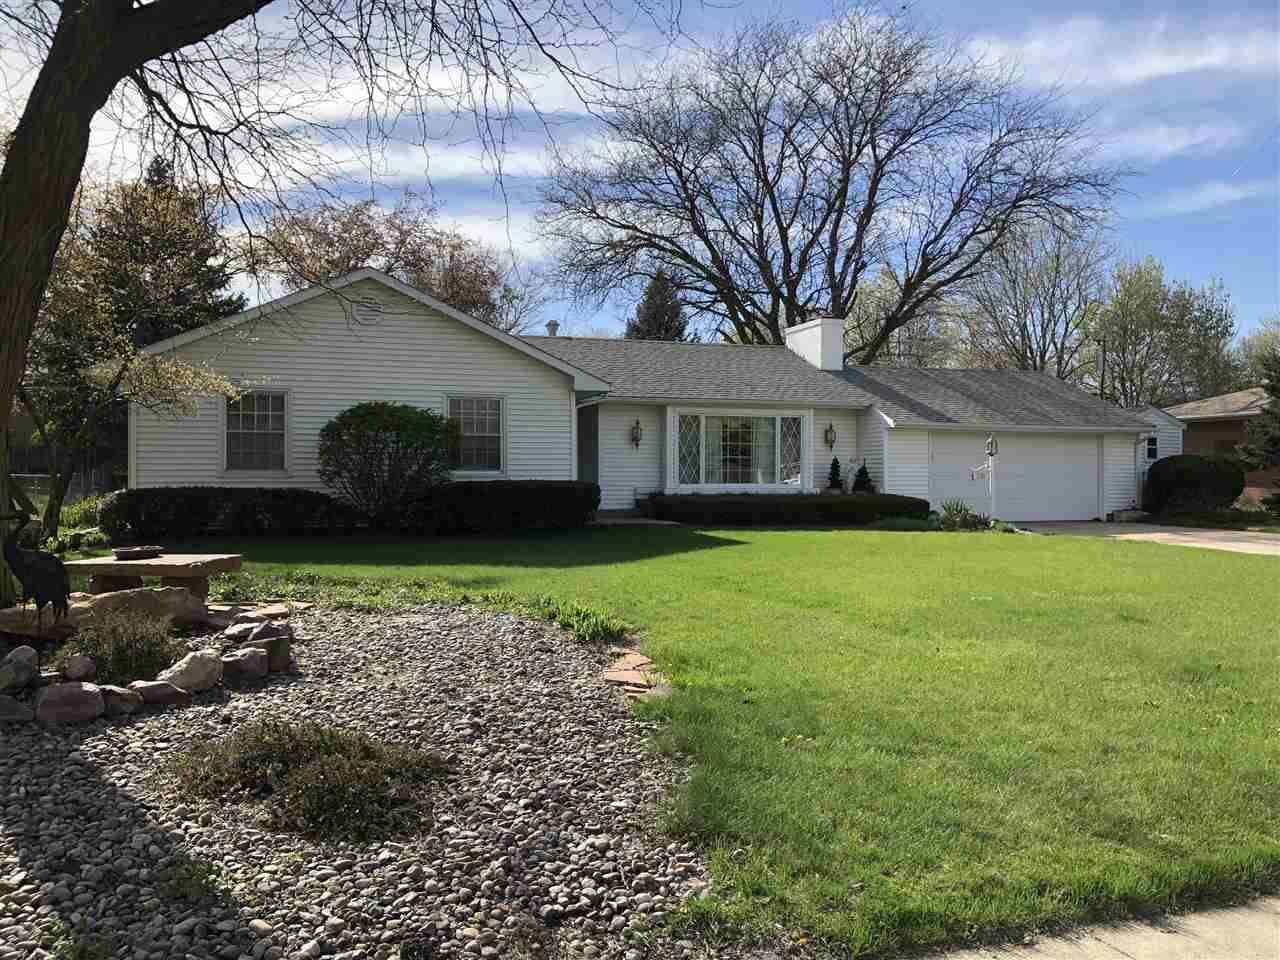 1301 Pershing Rd, Hastings, Nebraska